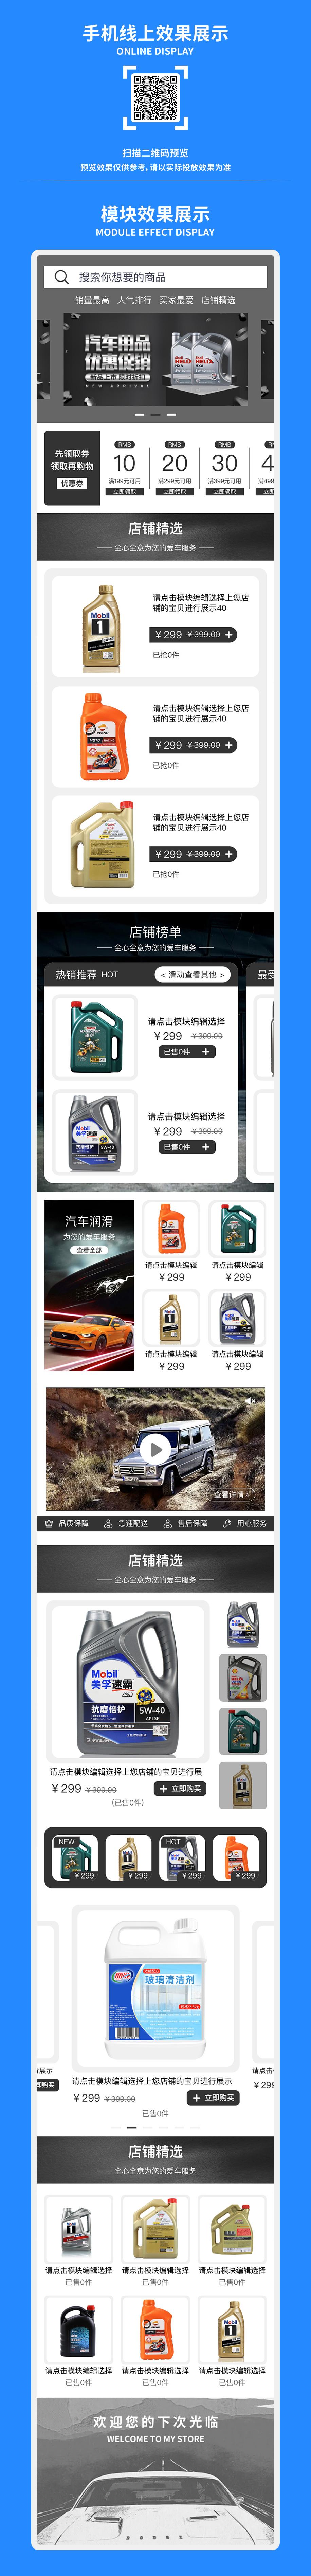 105汽车用品微商城-第二屏介绍.jpg